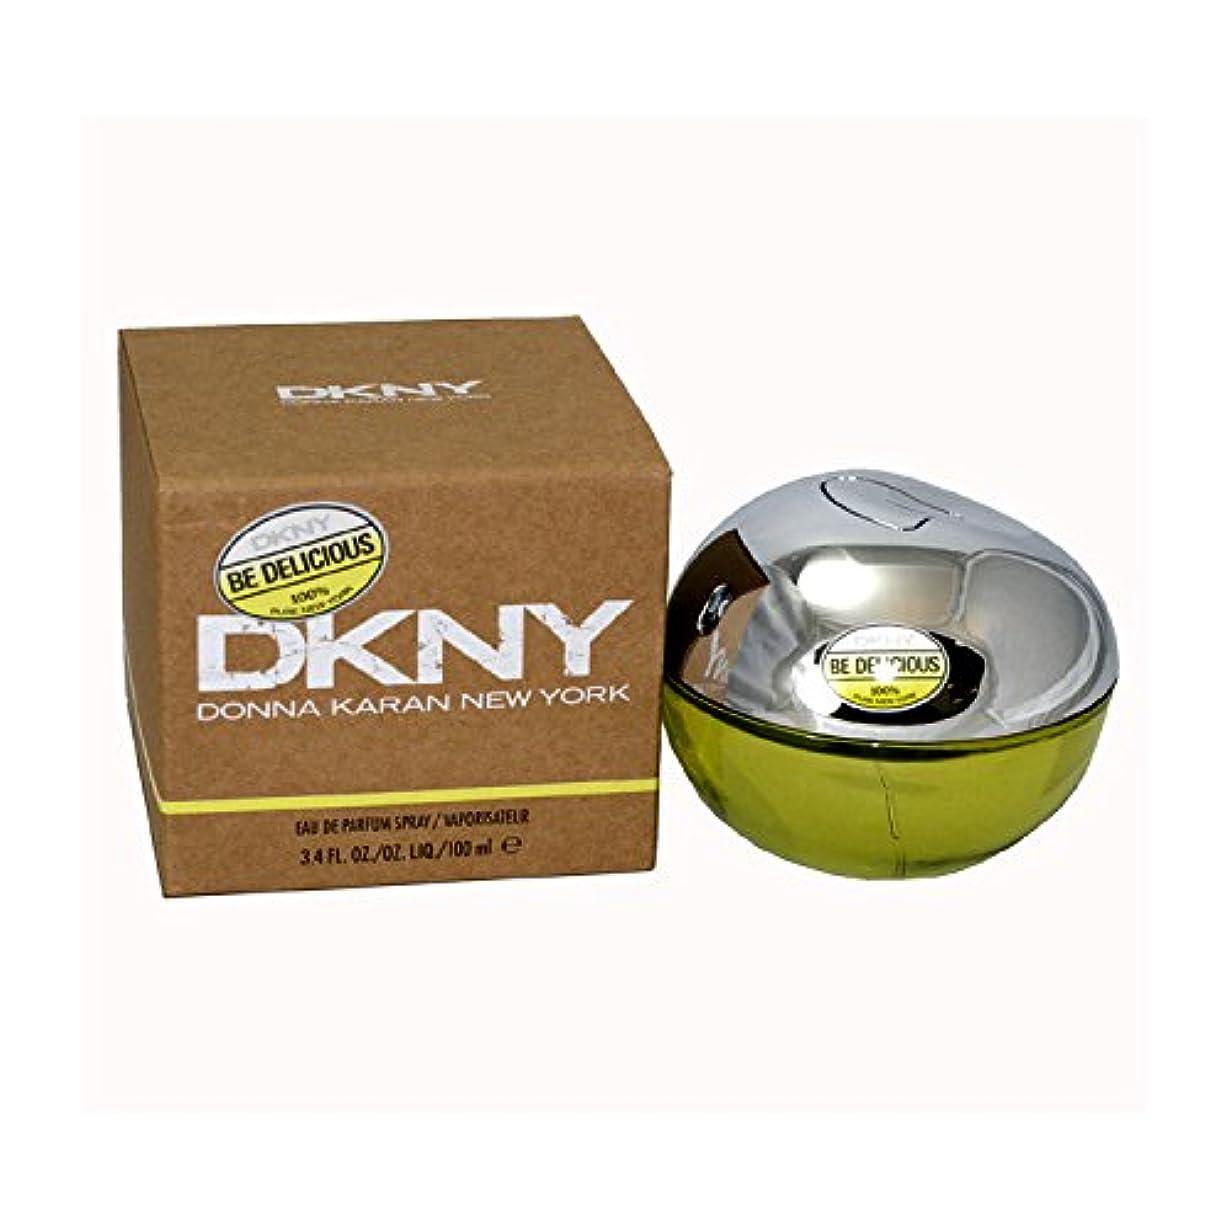 タイプそこから大胆不敵ダナキャラン DKNYビーデリシャス オードパルファン スプレー 100ml (女性用)